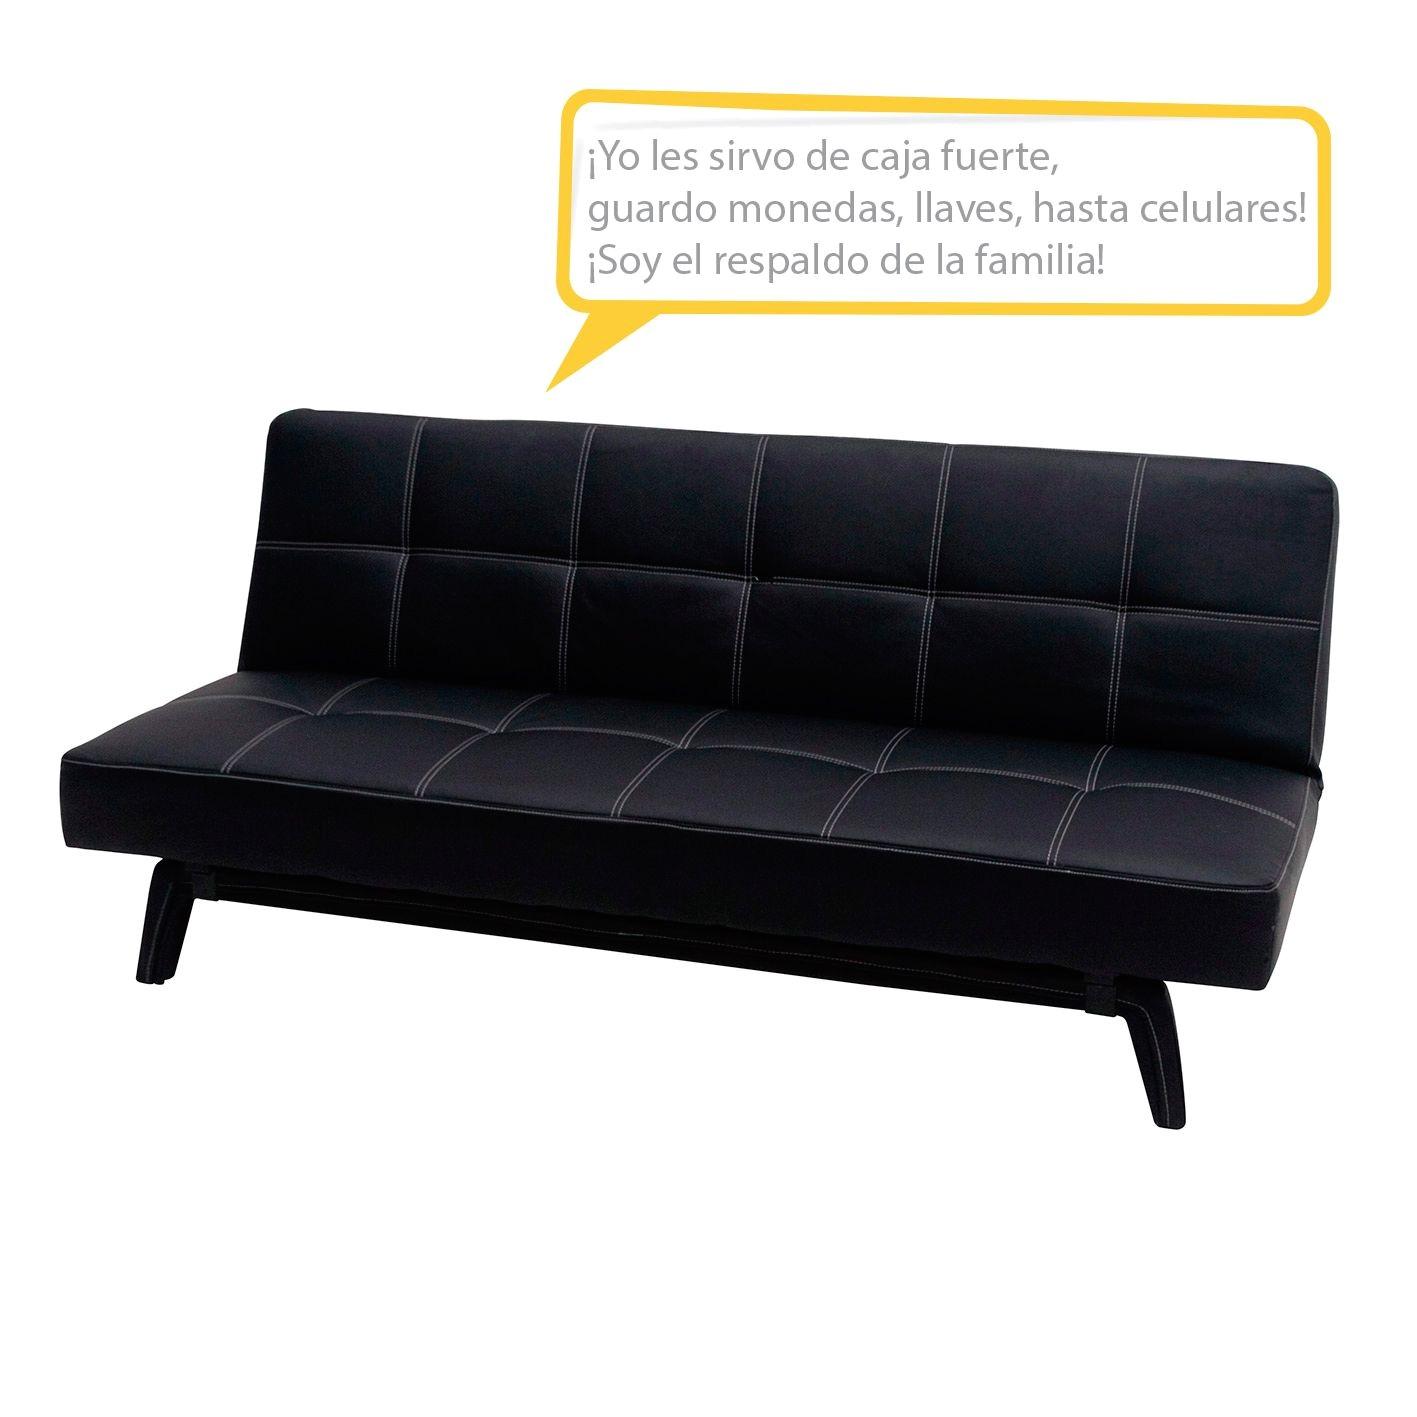 Curacao sofa Cama Adquiere Un Comodo sofa Cama Modelo Pab150n1s De Commodity solo En